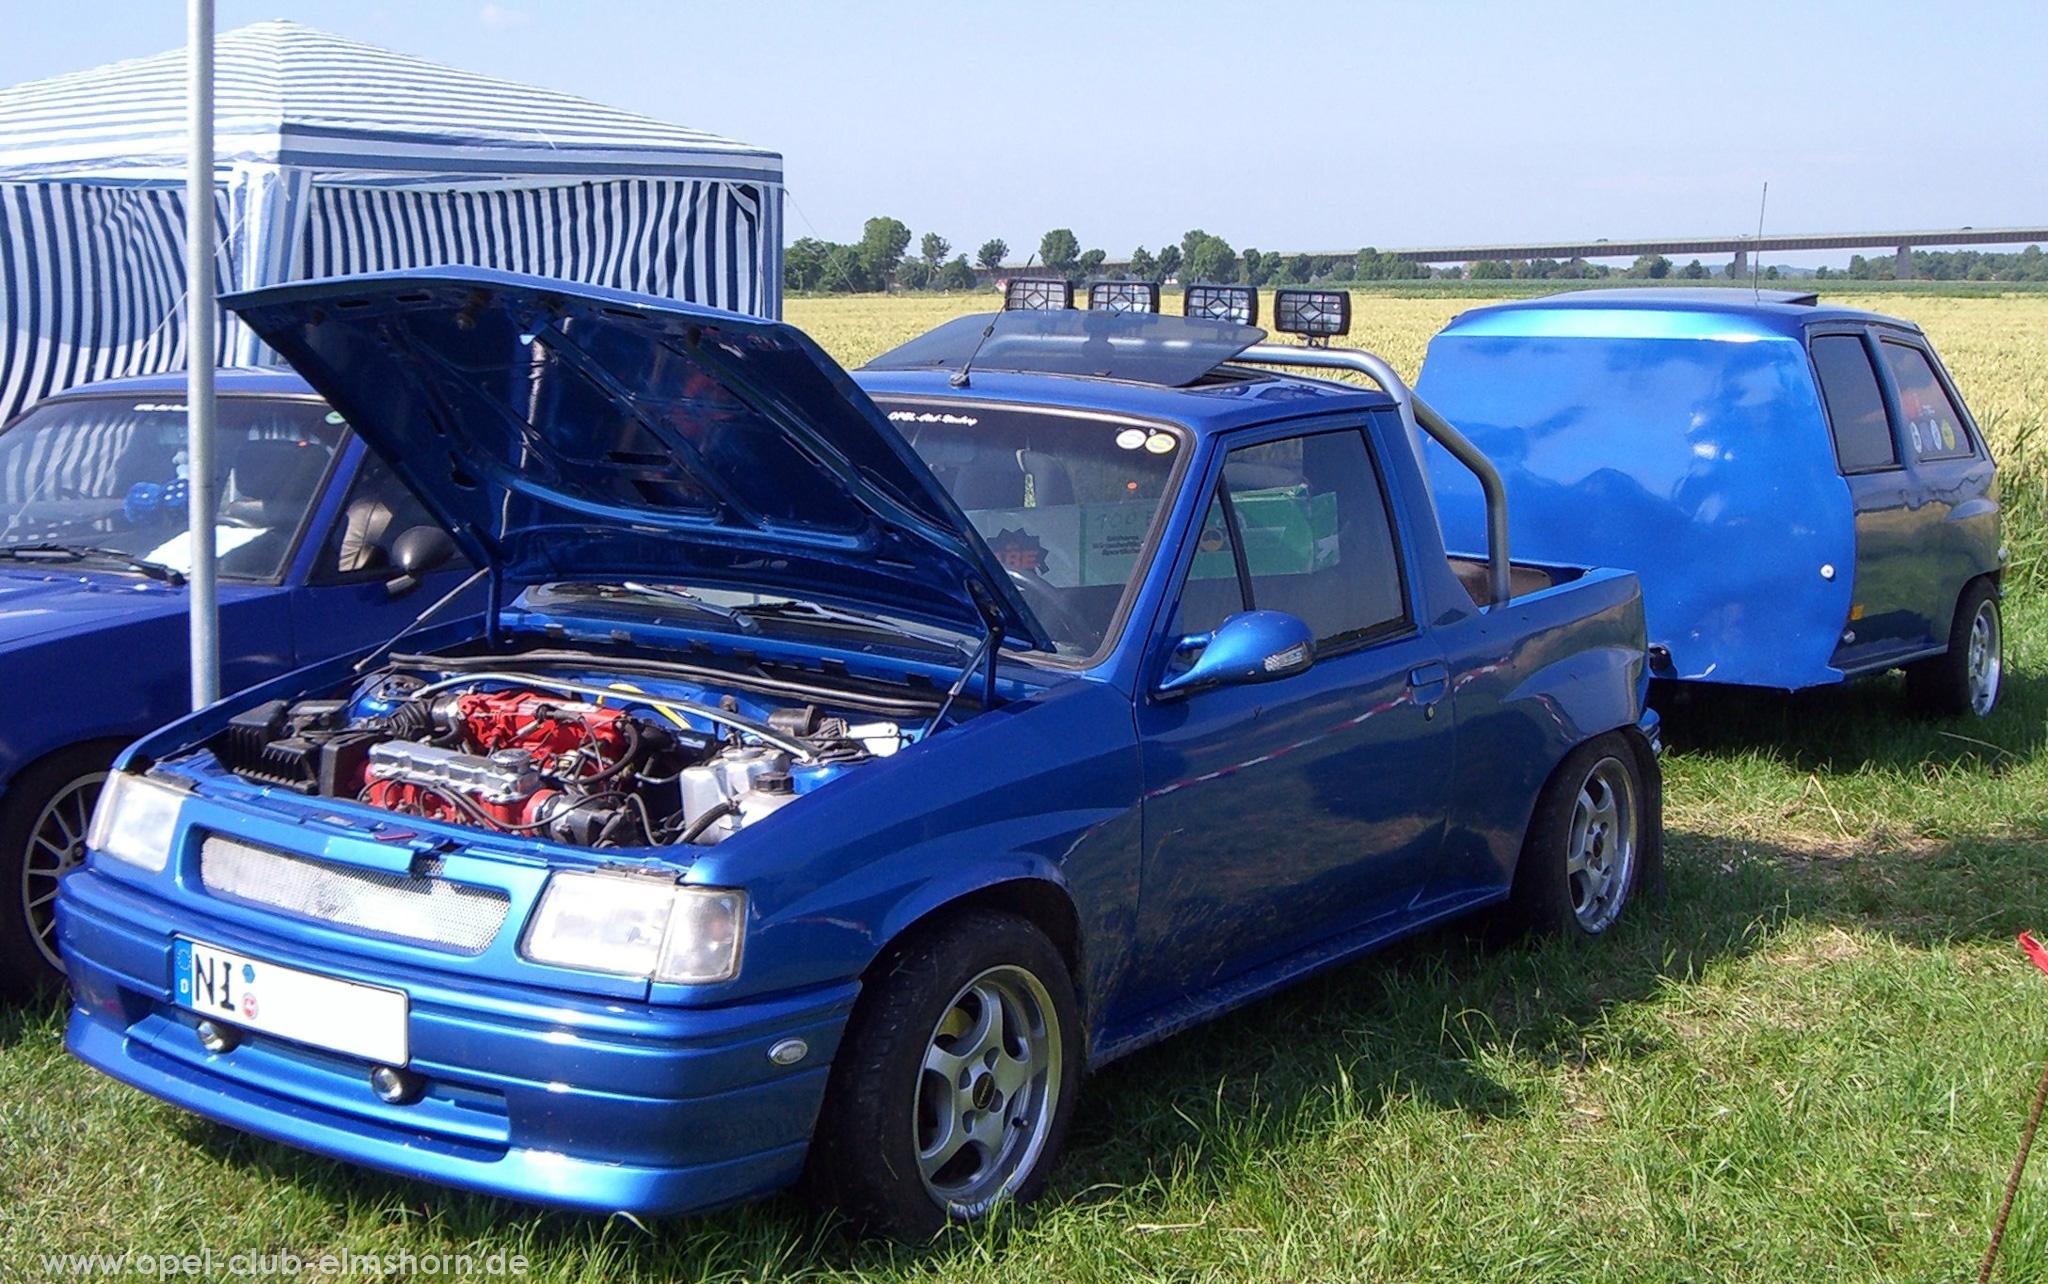 Opeltreffen Brunsbüttel Opelfreunde 2008 - 20080704_162554 - Corsa A Pickup Umbau